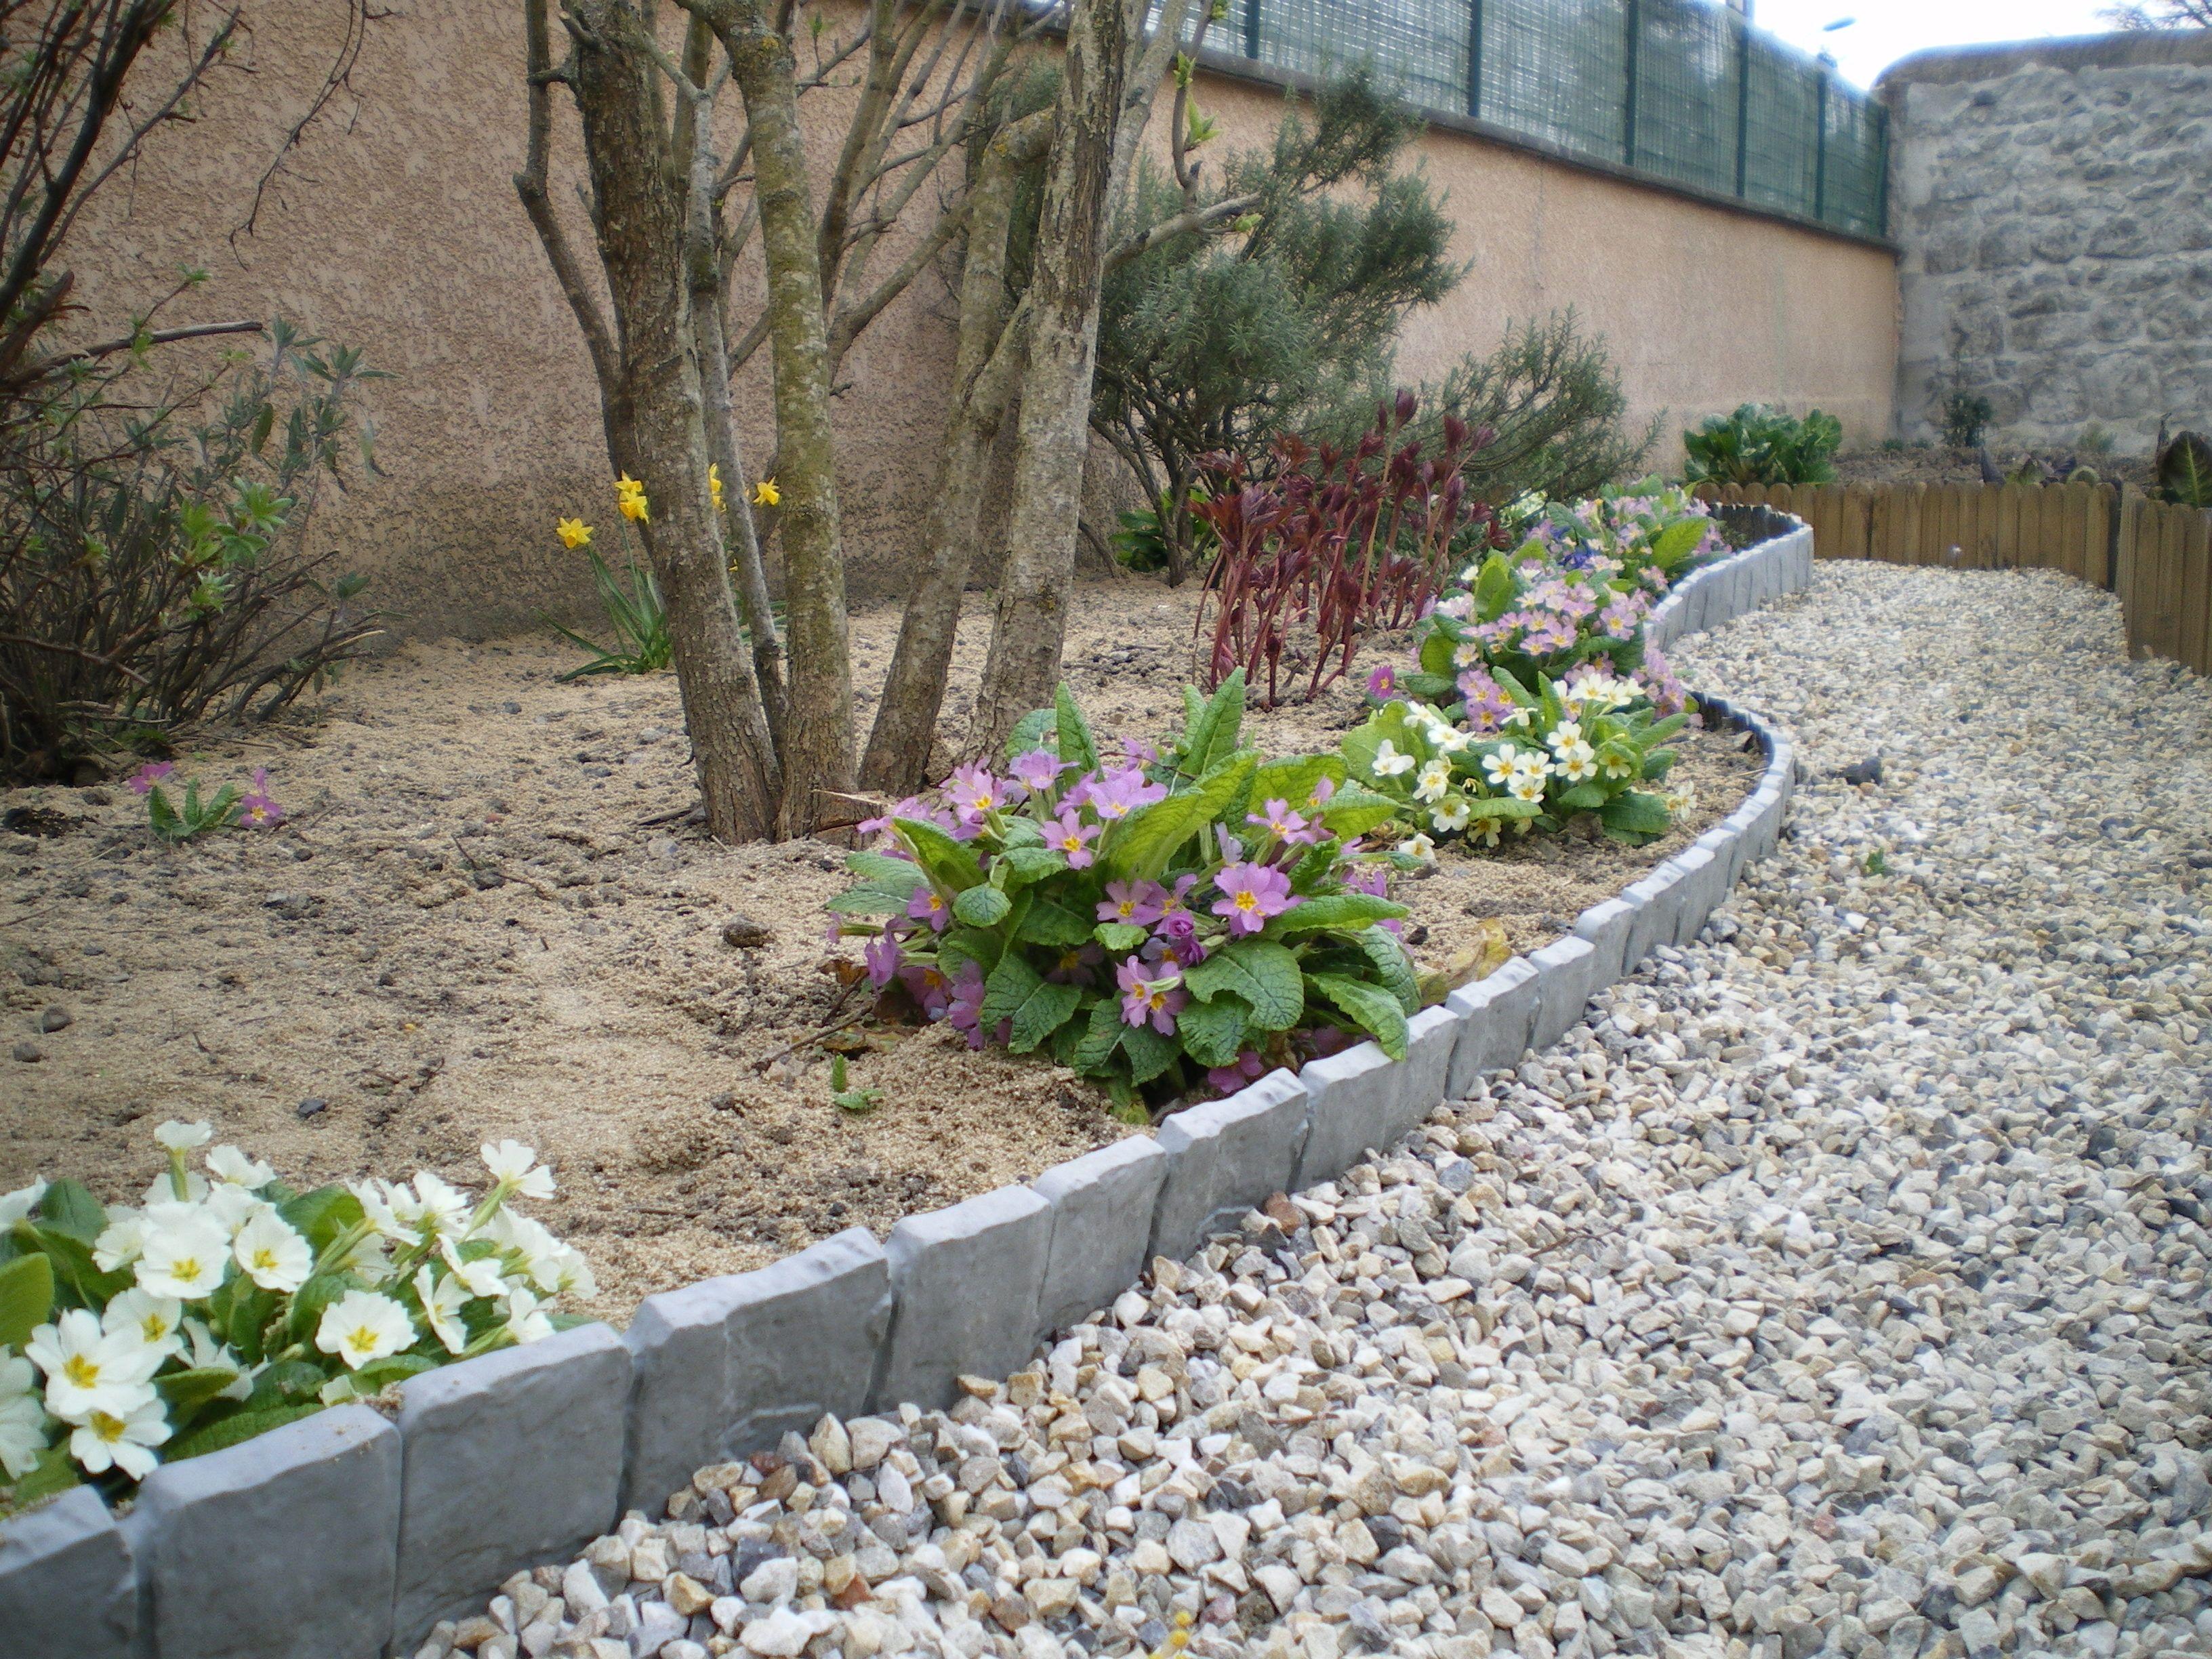 Delimitez Vos Allees De Jardin Avec De Belles Bordurettes Imitation Pierre Garden Jardins Bordure De Jardin Bordure Jardin